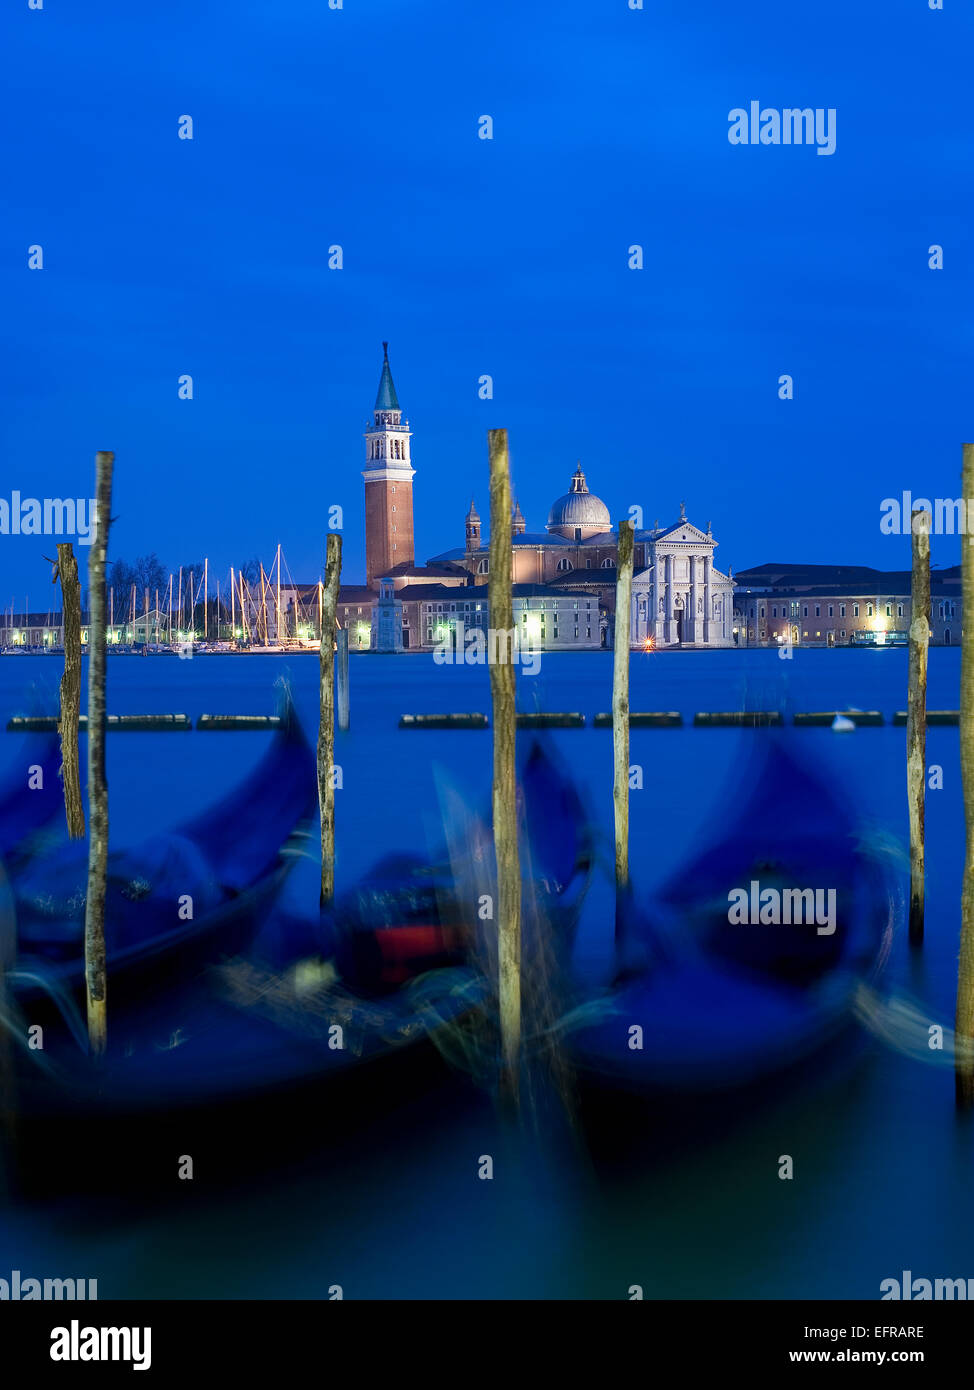 Riva Degli Schiavoni und der Piazza San Marco Island und die Kirche von San Giorgio Maggiore. Gondeln vor Anker Stockbild